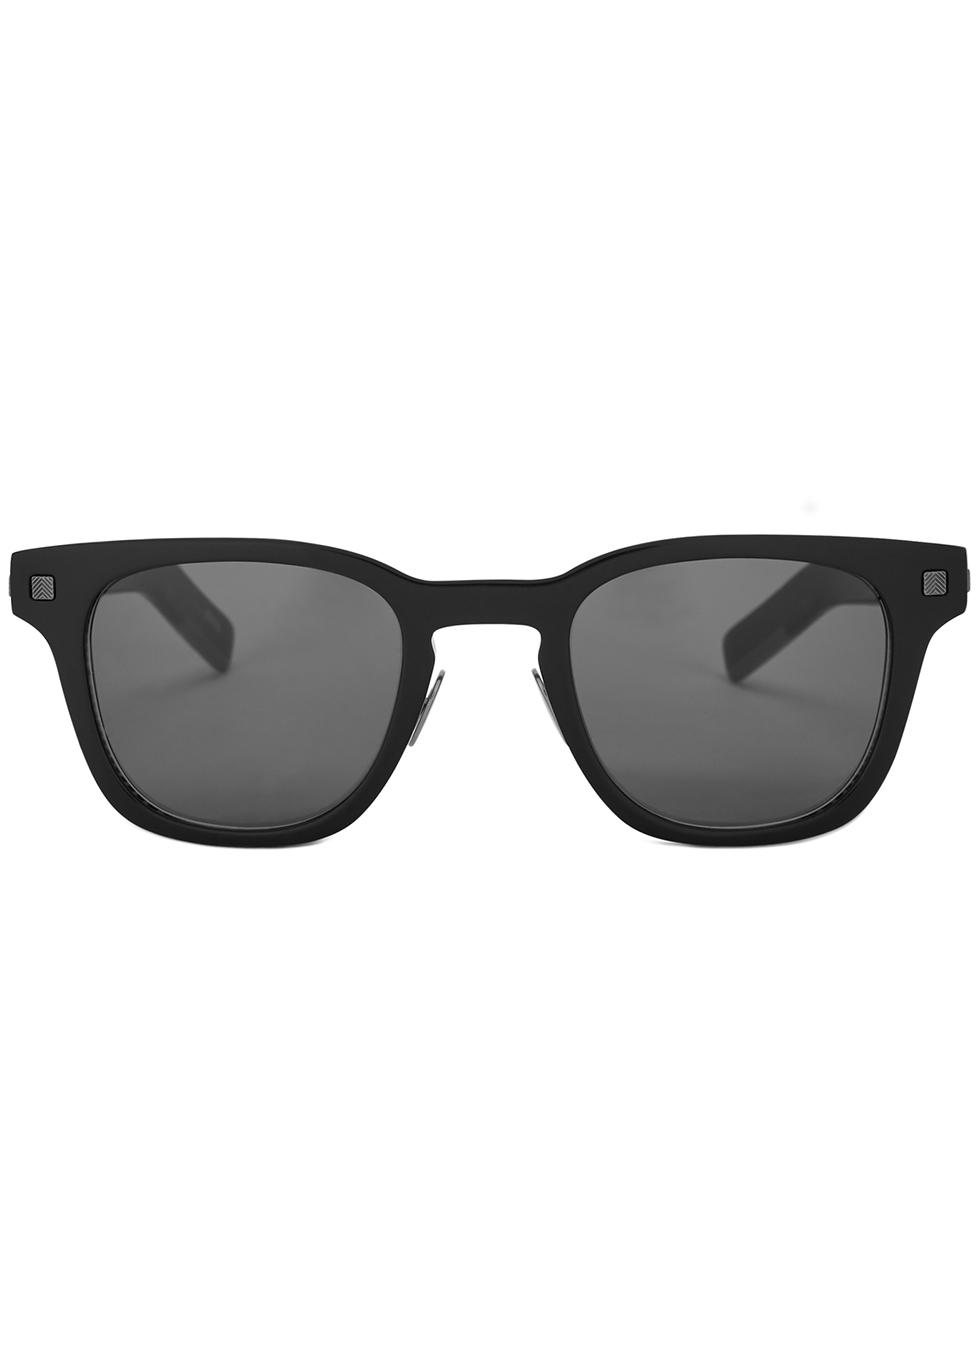 Black wayfarer-style sunglasses - Ermenegildo Zegna